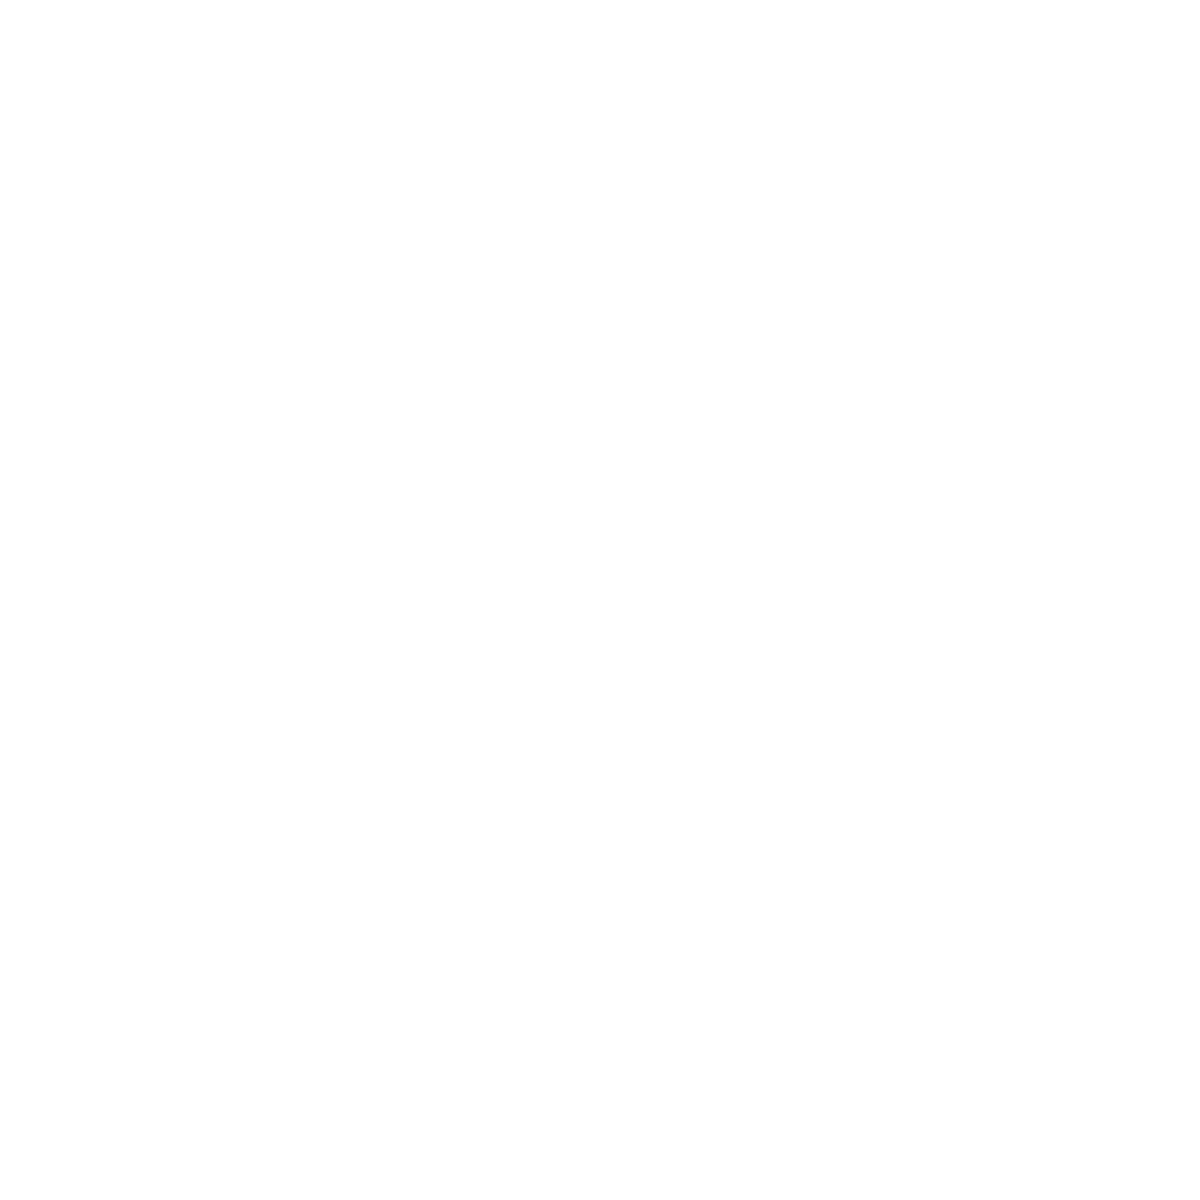 superannuation icon